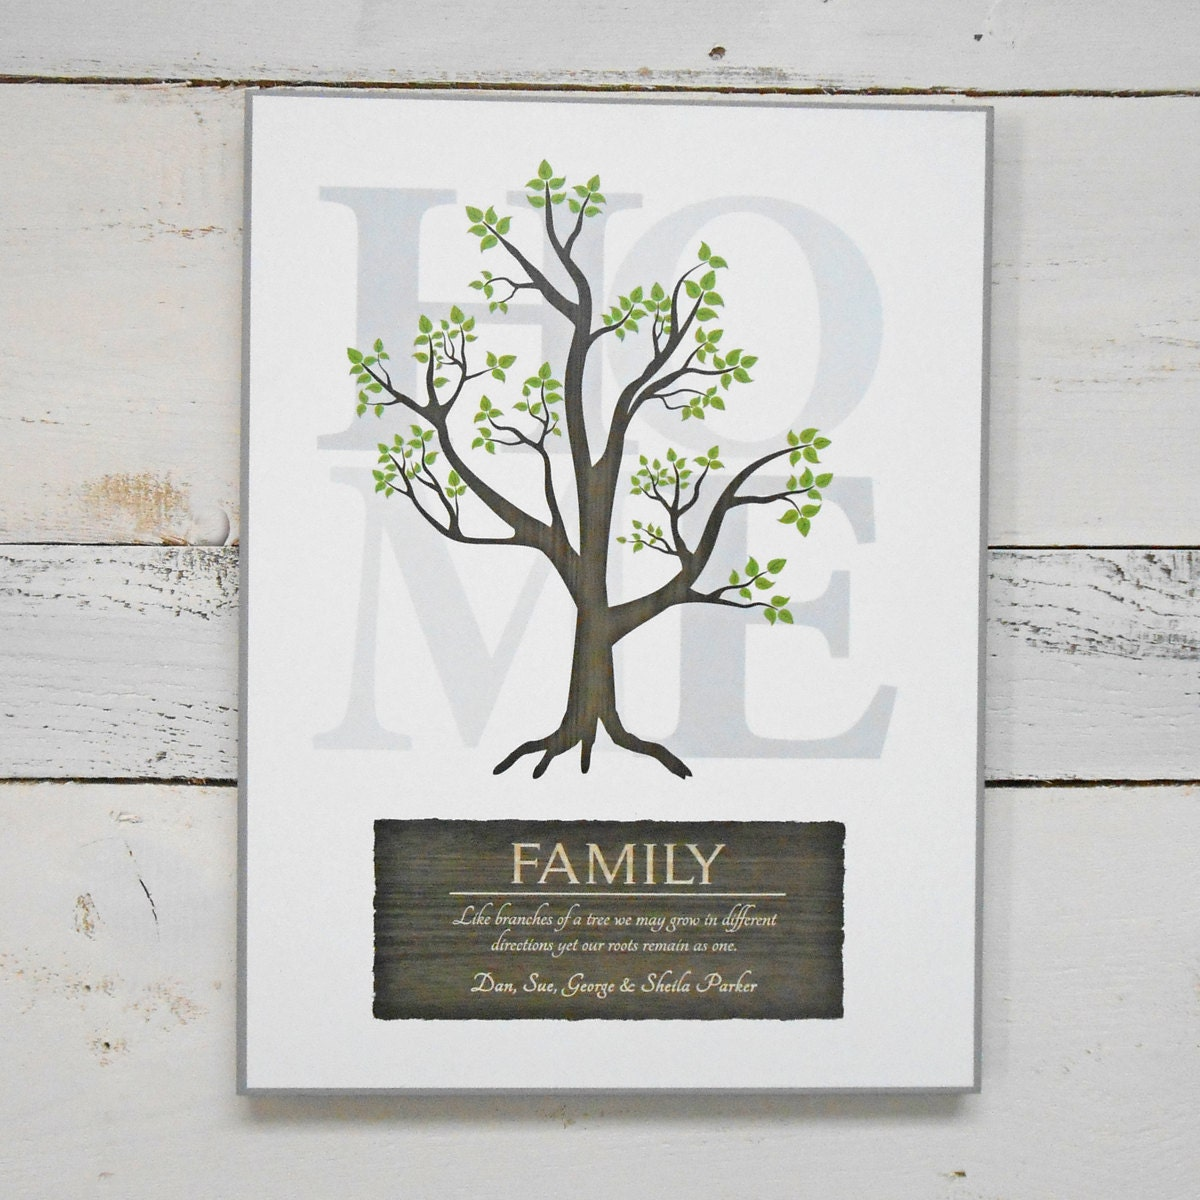 Custom Family Wall Decor : Personalized family wall decor home